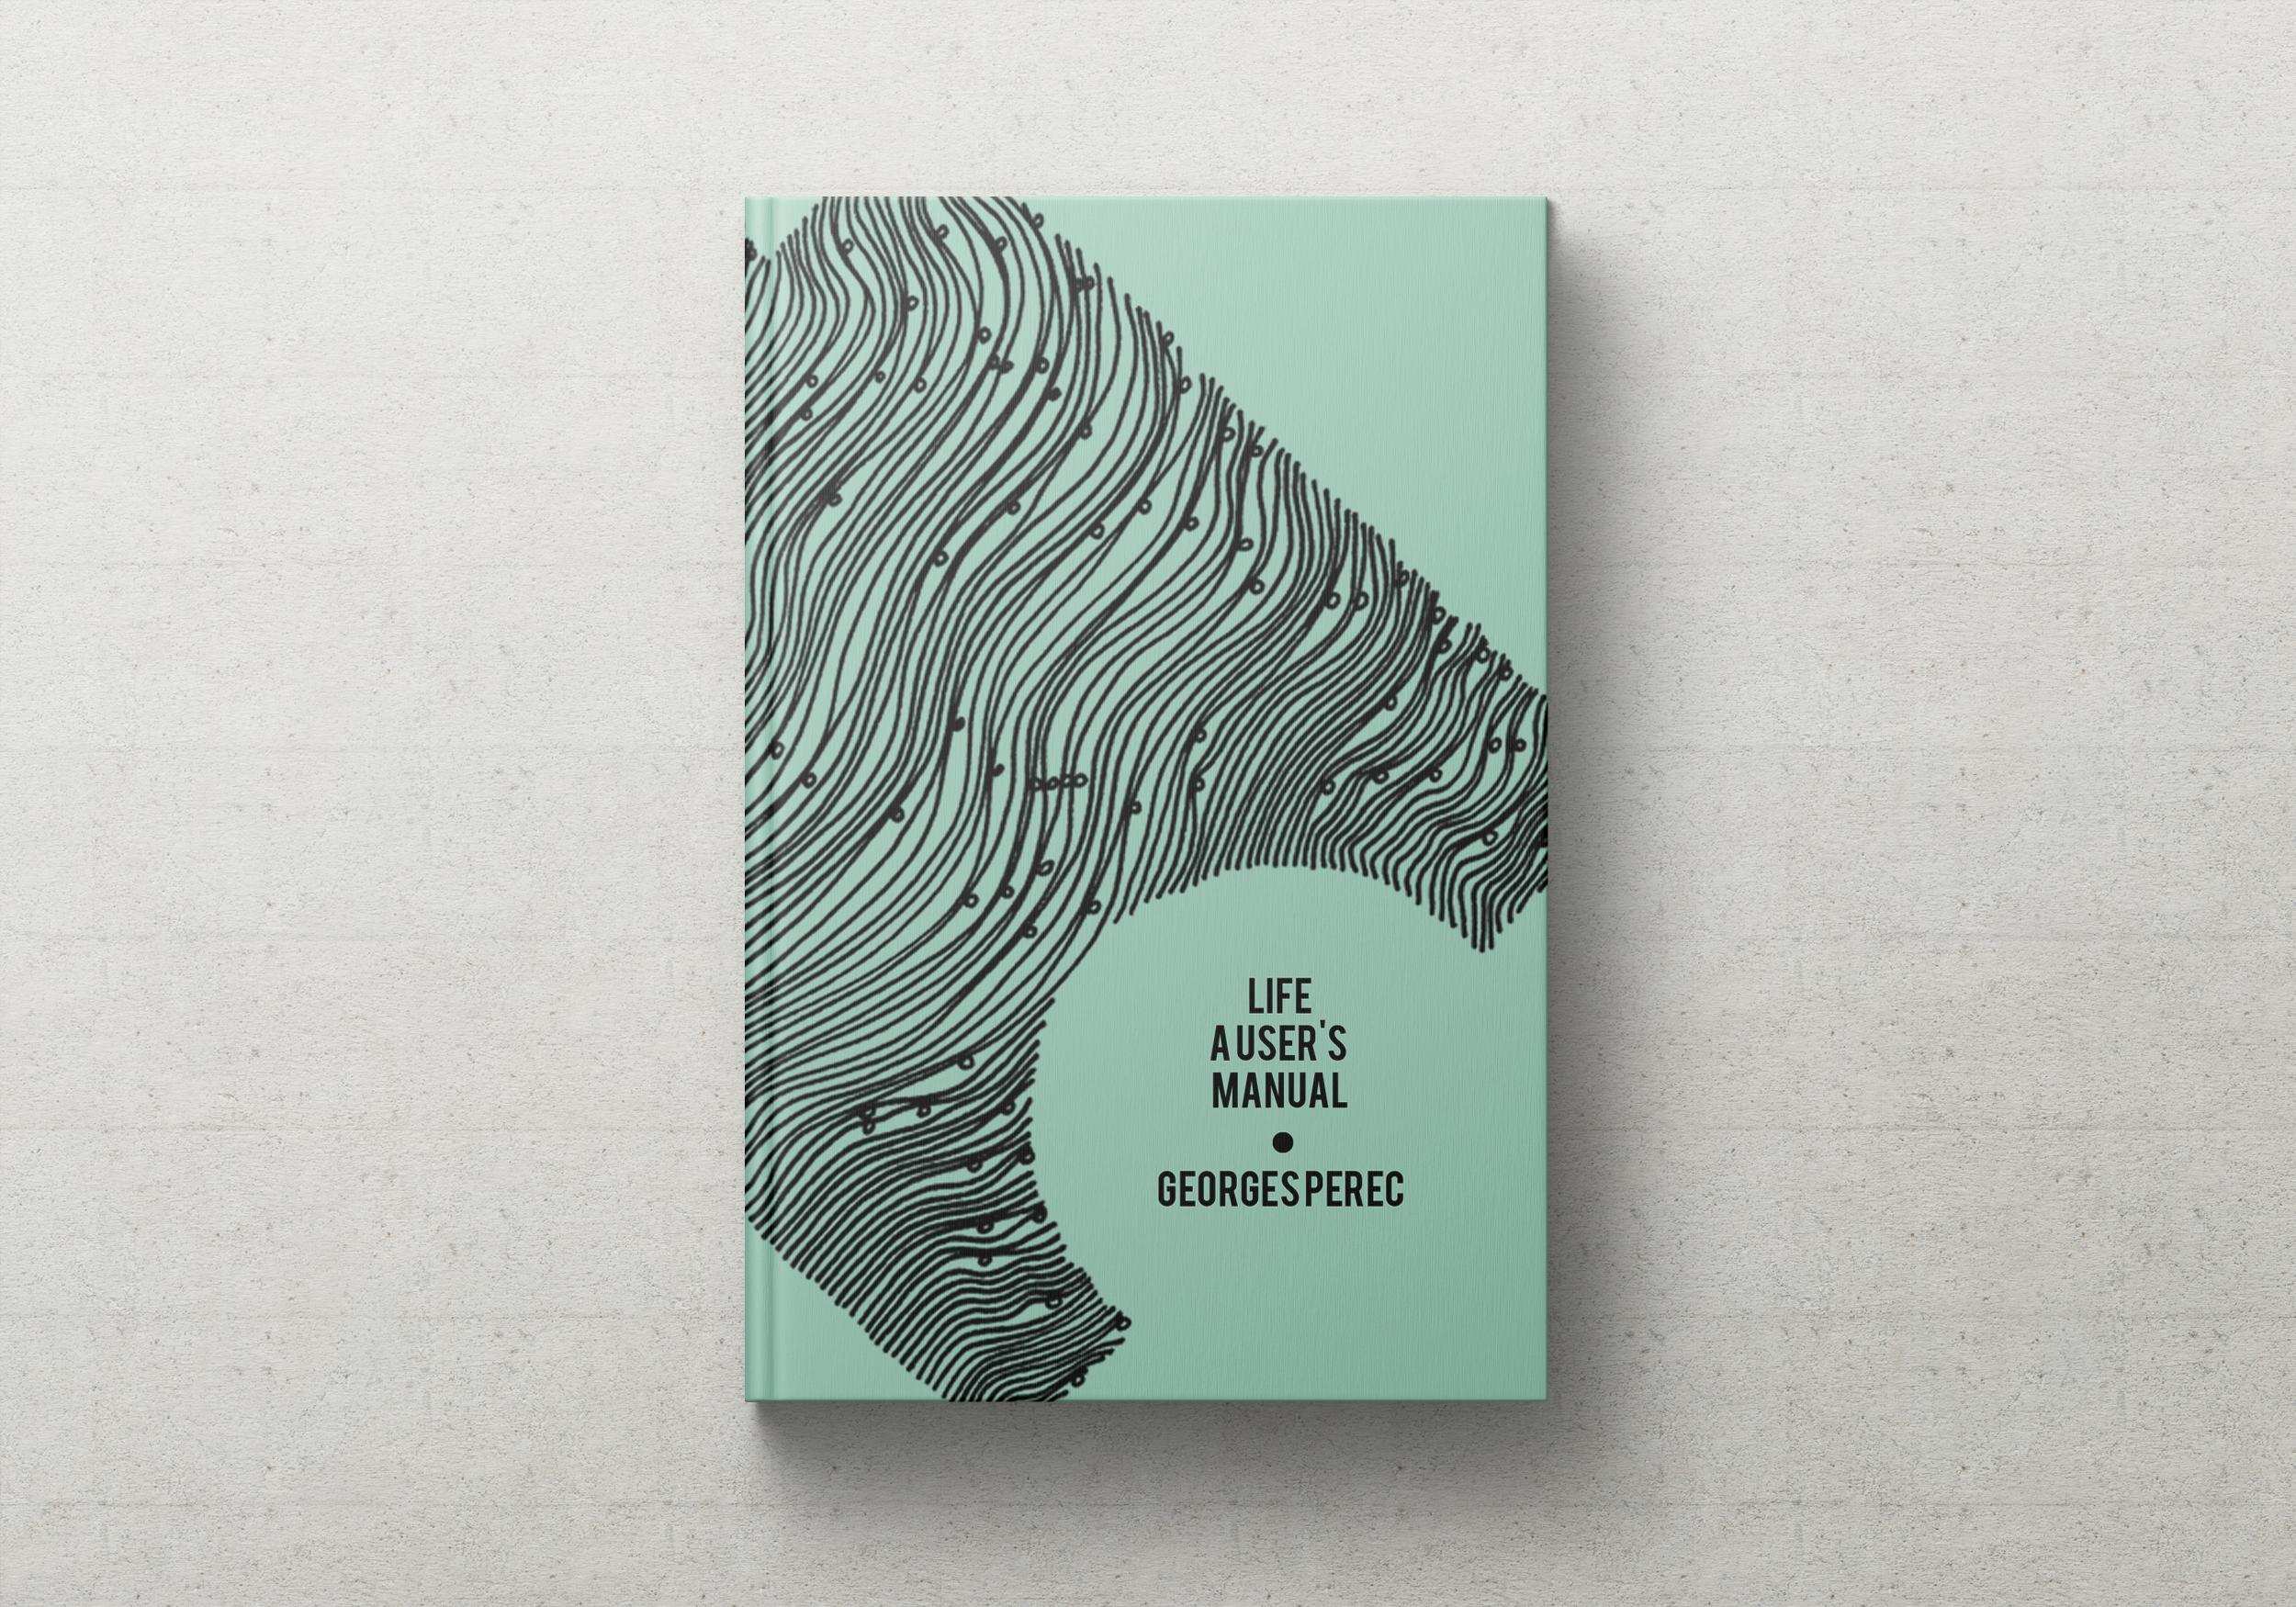 LIFE: A USER'S MANUAL Georges Perec